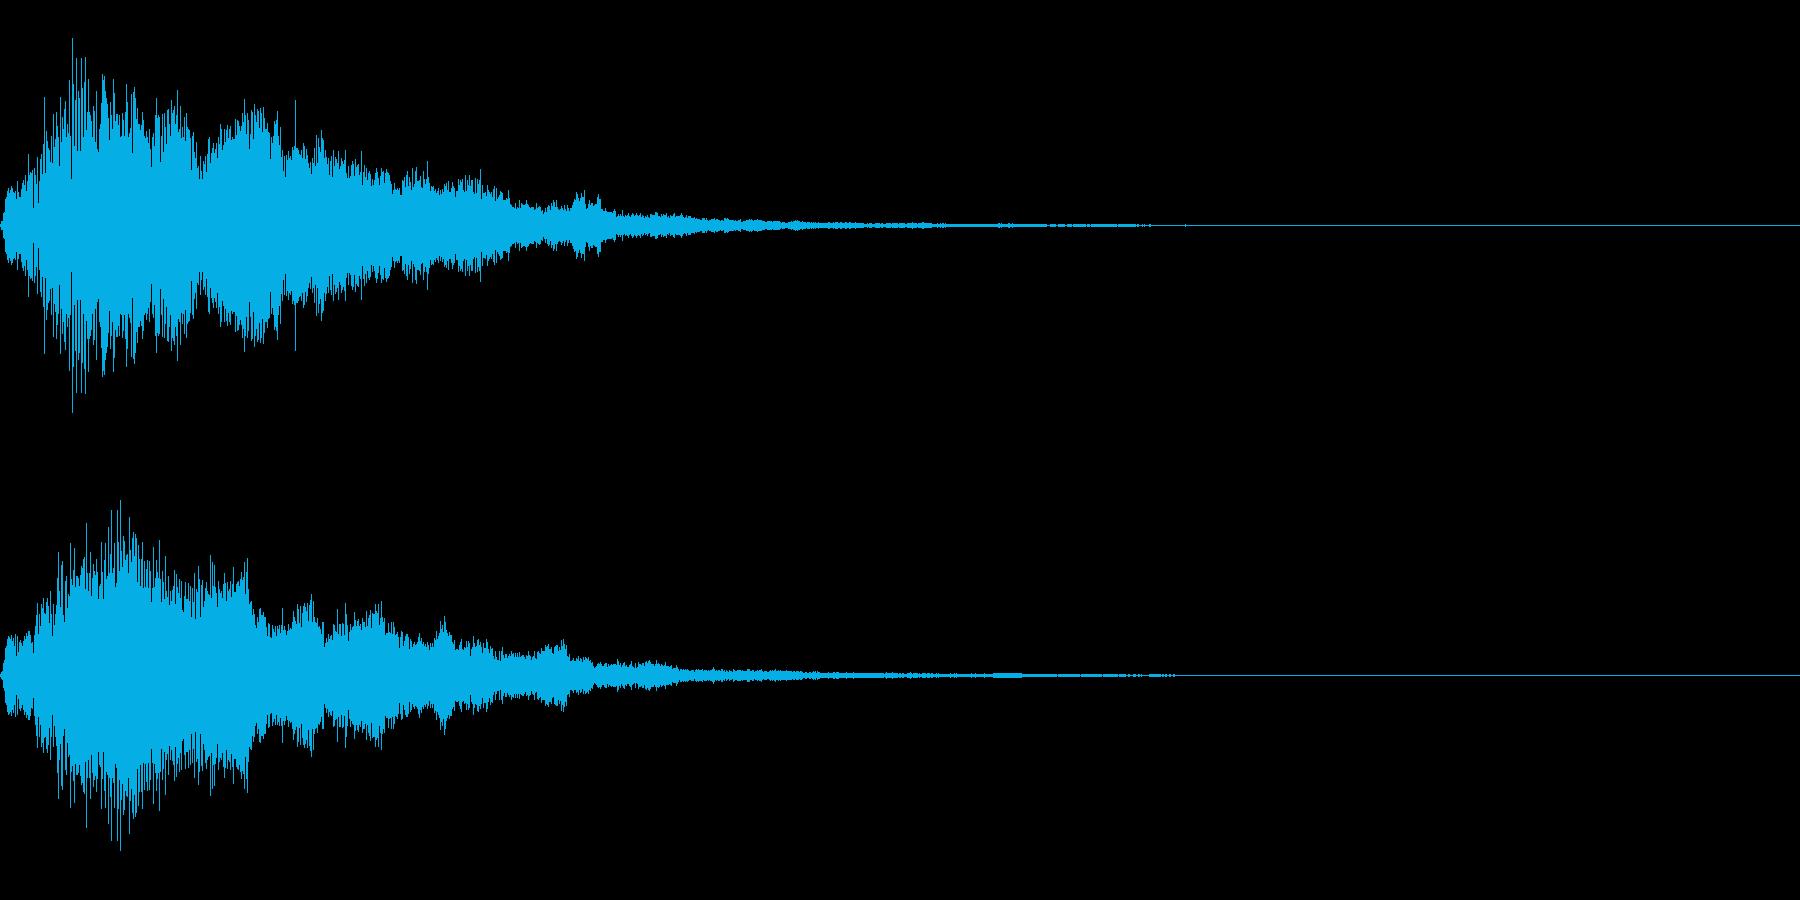 フワッキラキラとしたサウンドロゴの再生済みの波形